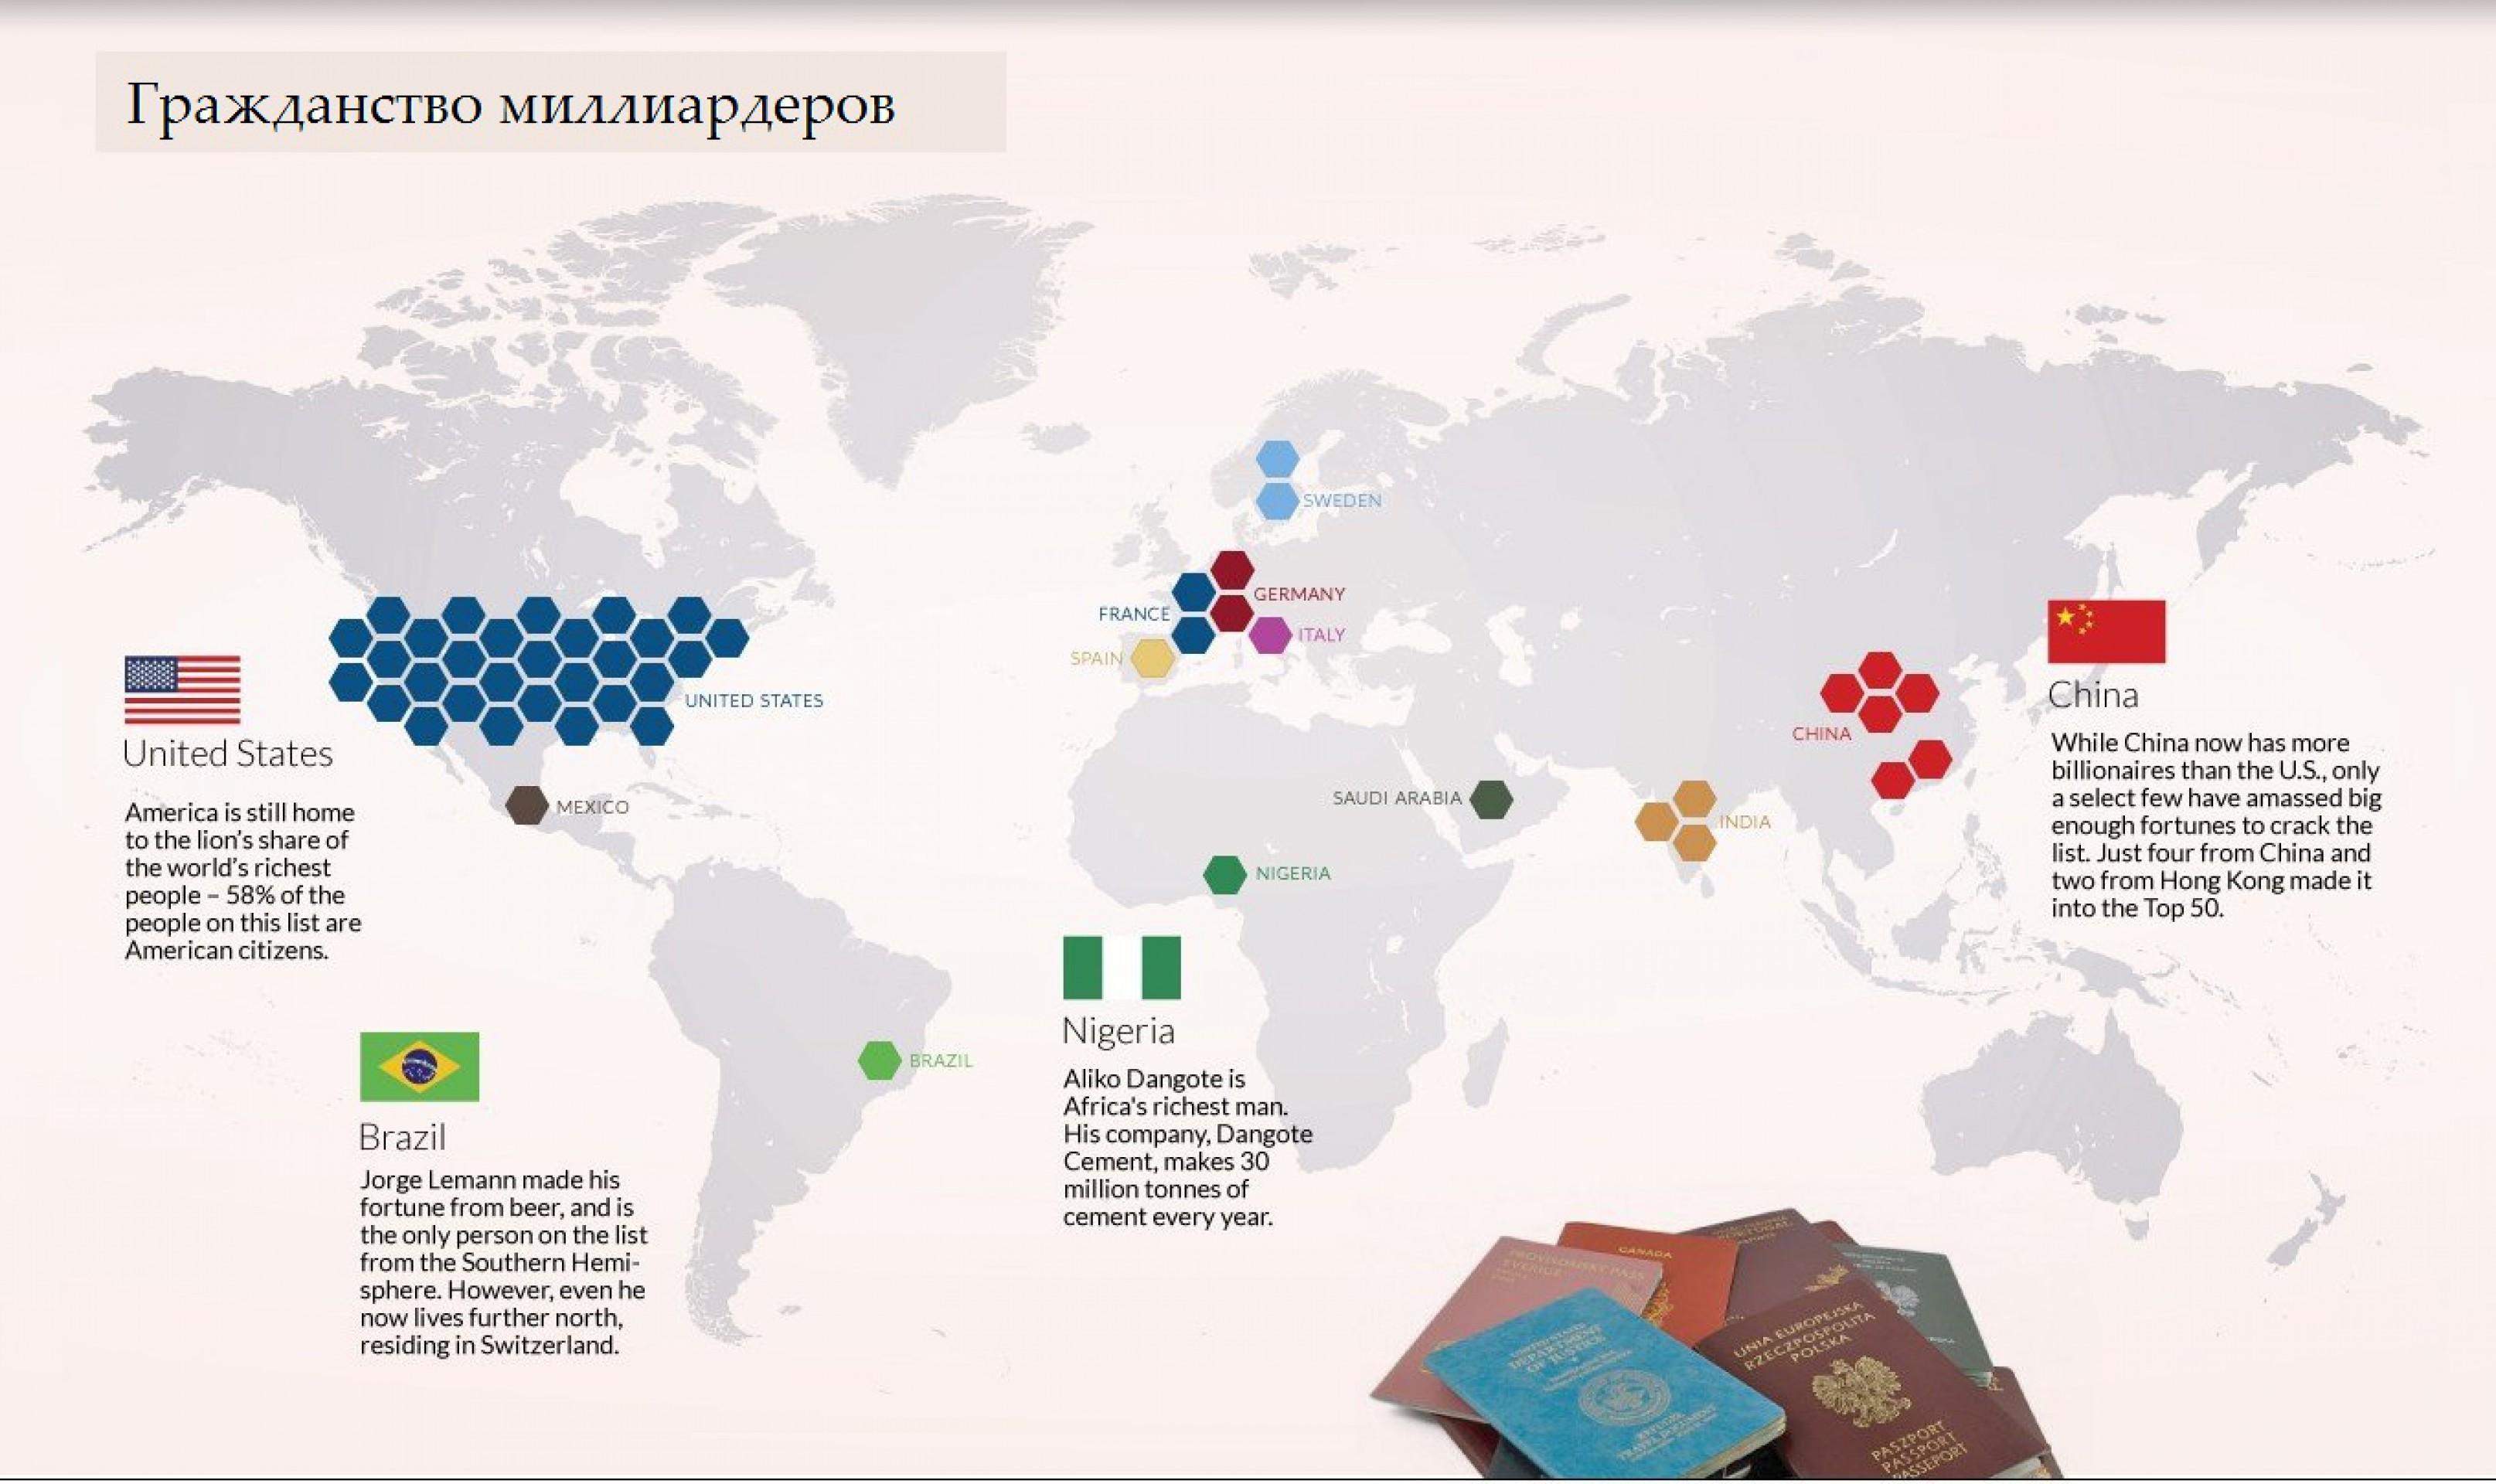 Топ-50 миллиардеров: цифры и факты